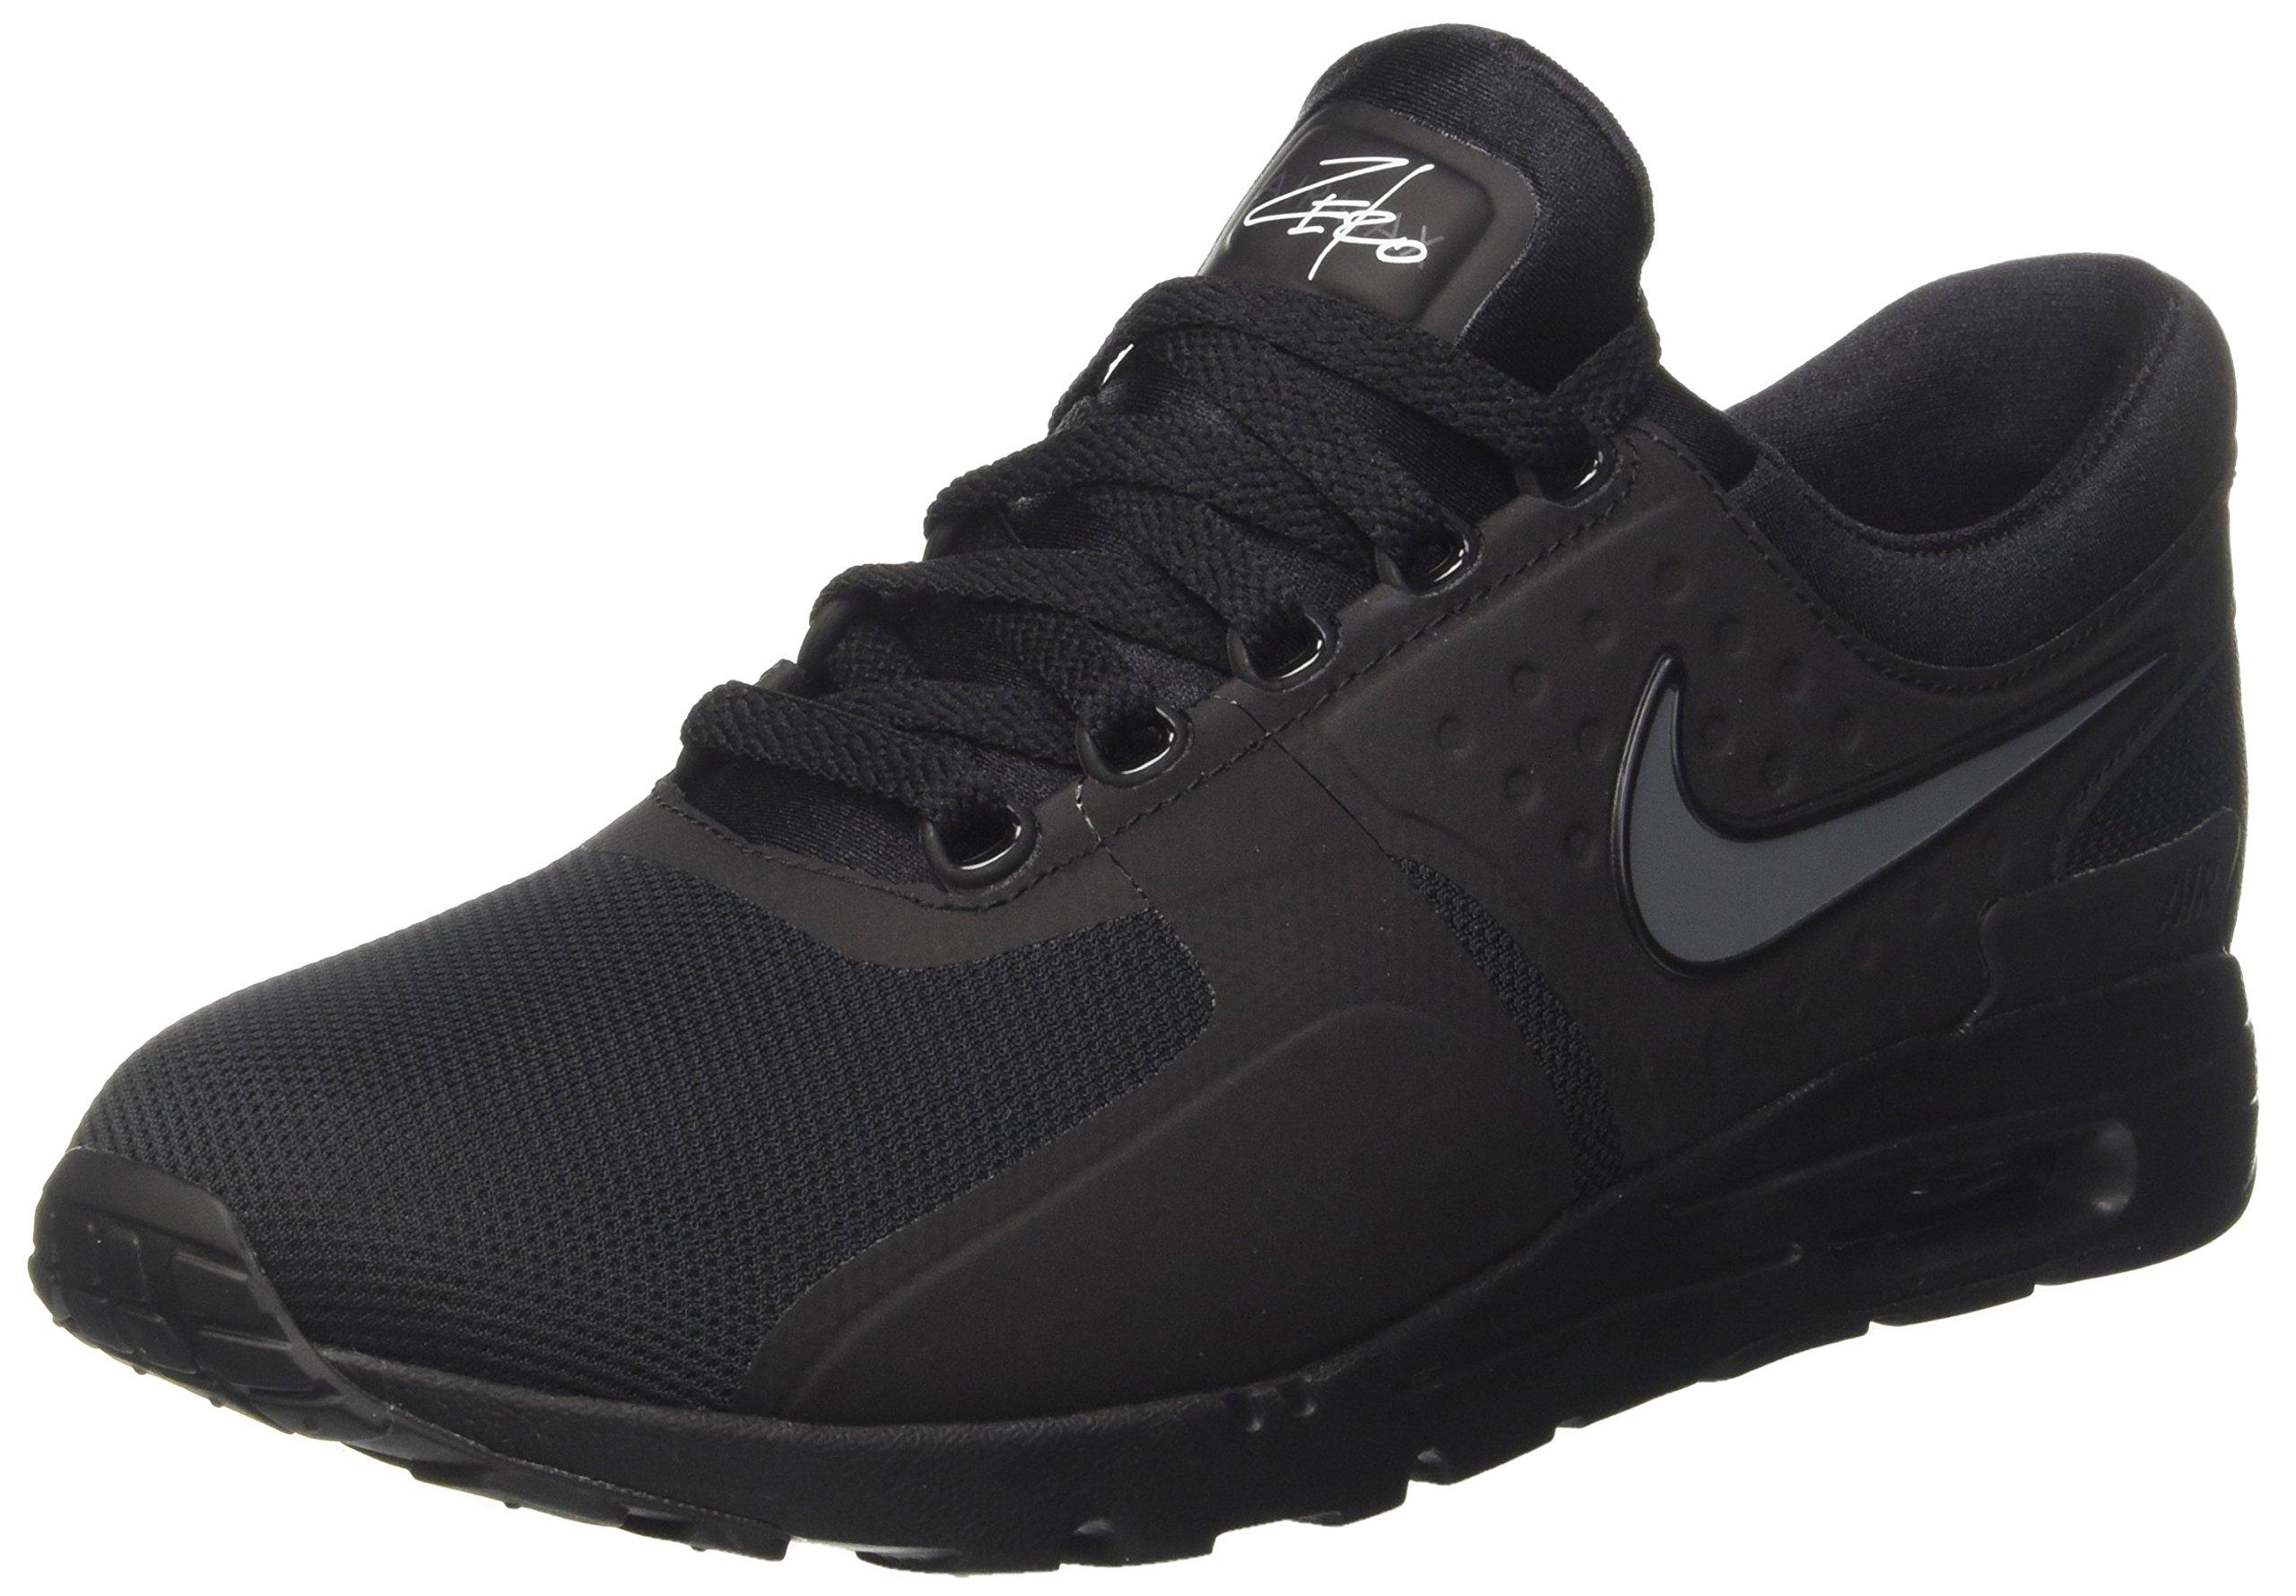 e63cd8537baa21 Galleon - NIKE Women s Air Max Zero Black Black Dark Grey White Running  Shoe 10 Women US